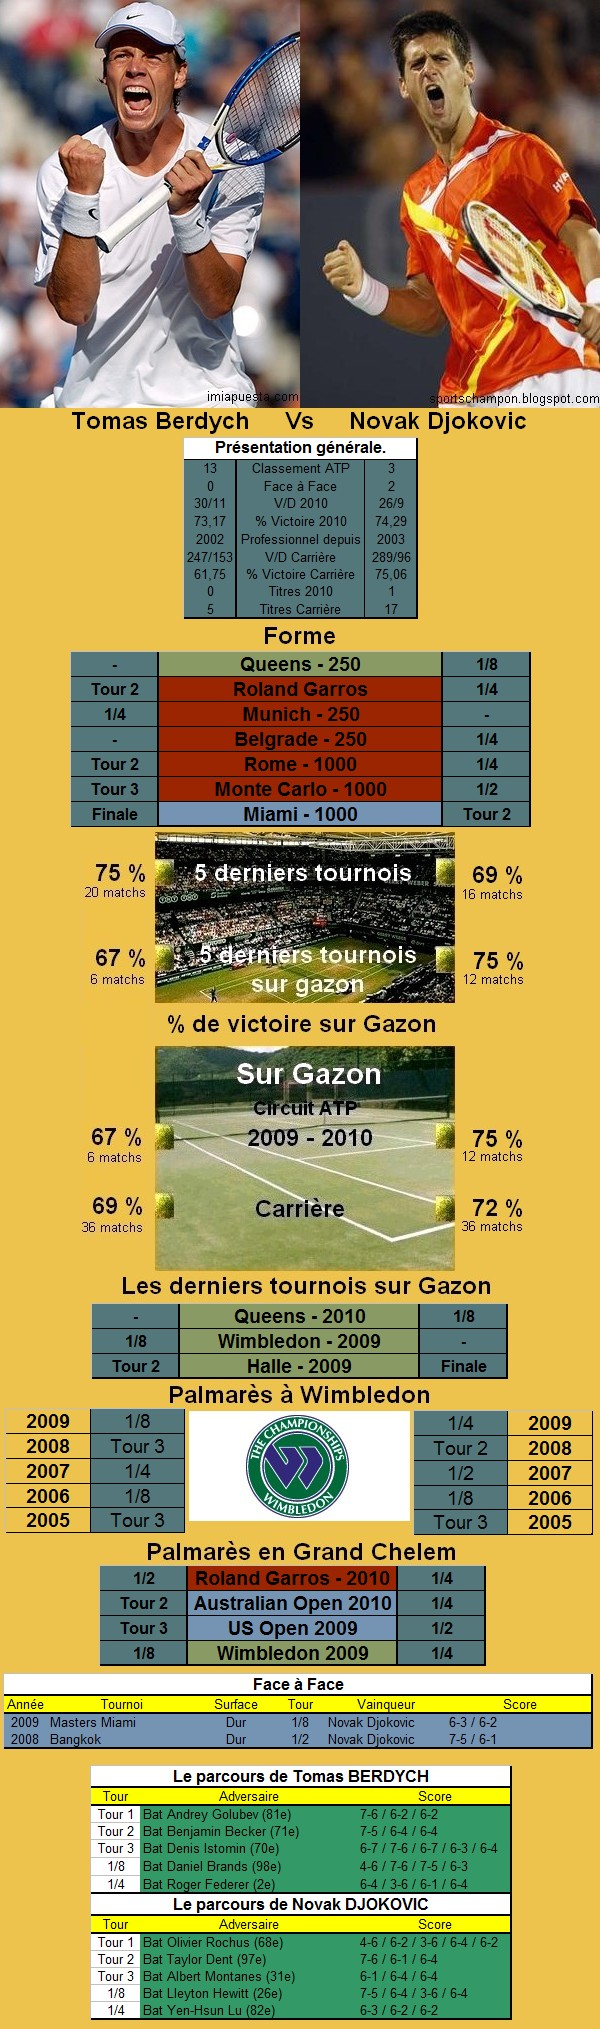 Statistiques tennis de Berdych contre Djokovic à Wimbledon